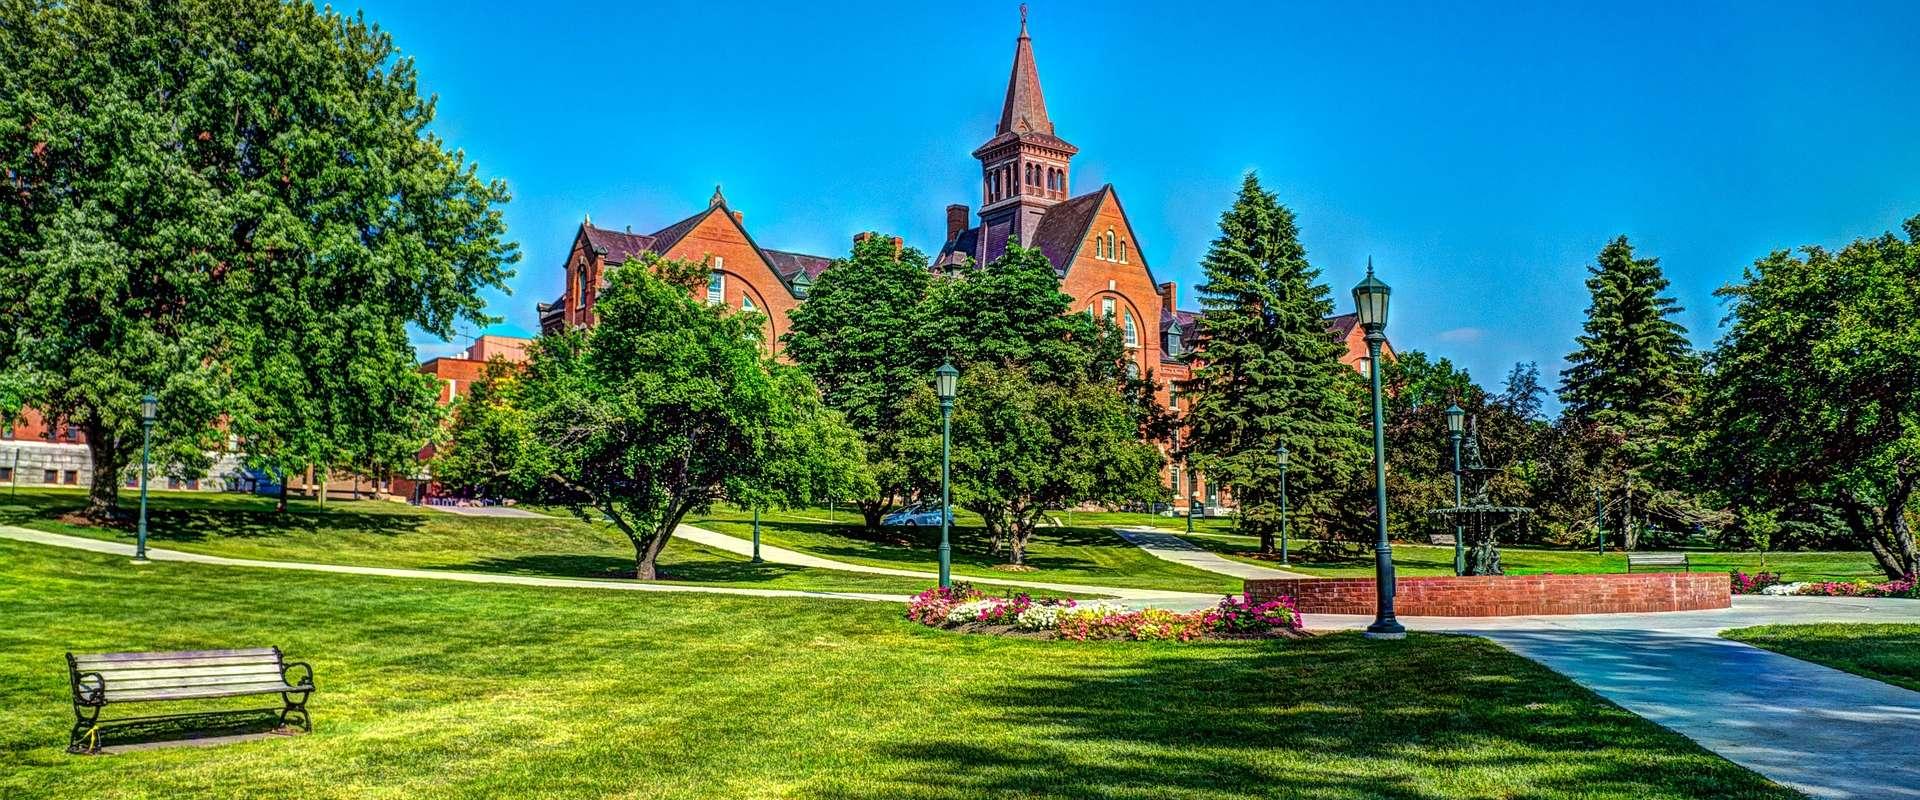 Shiloh College